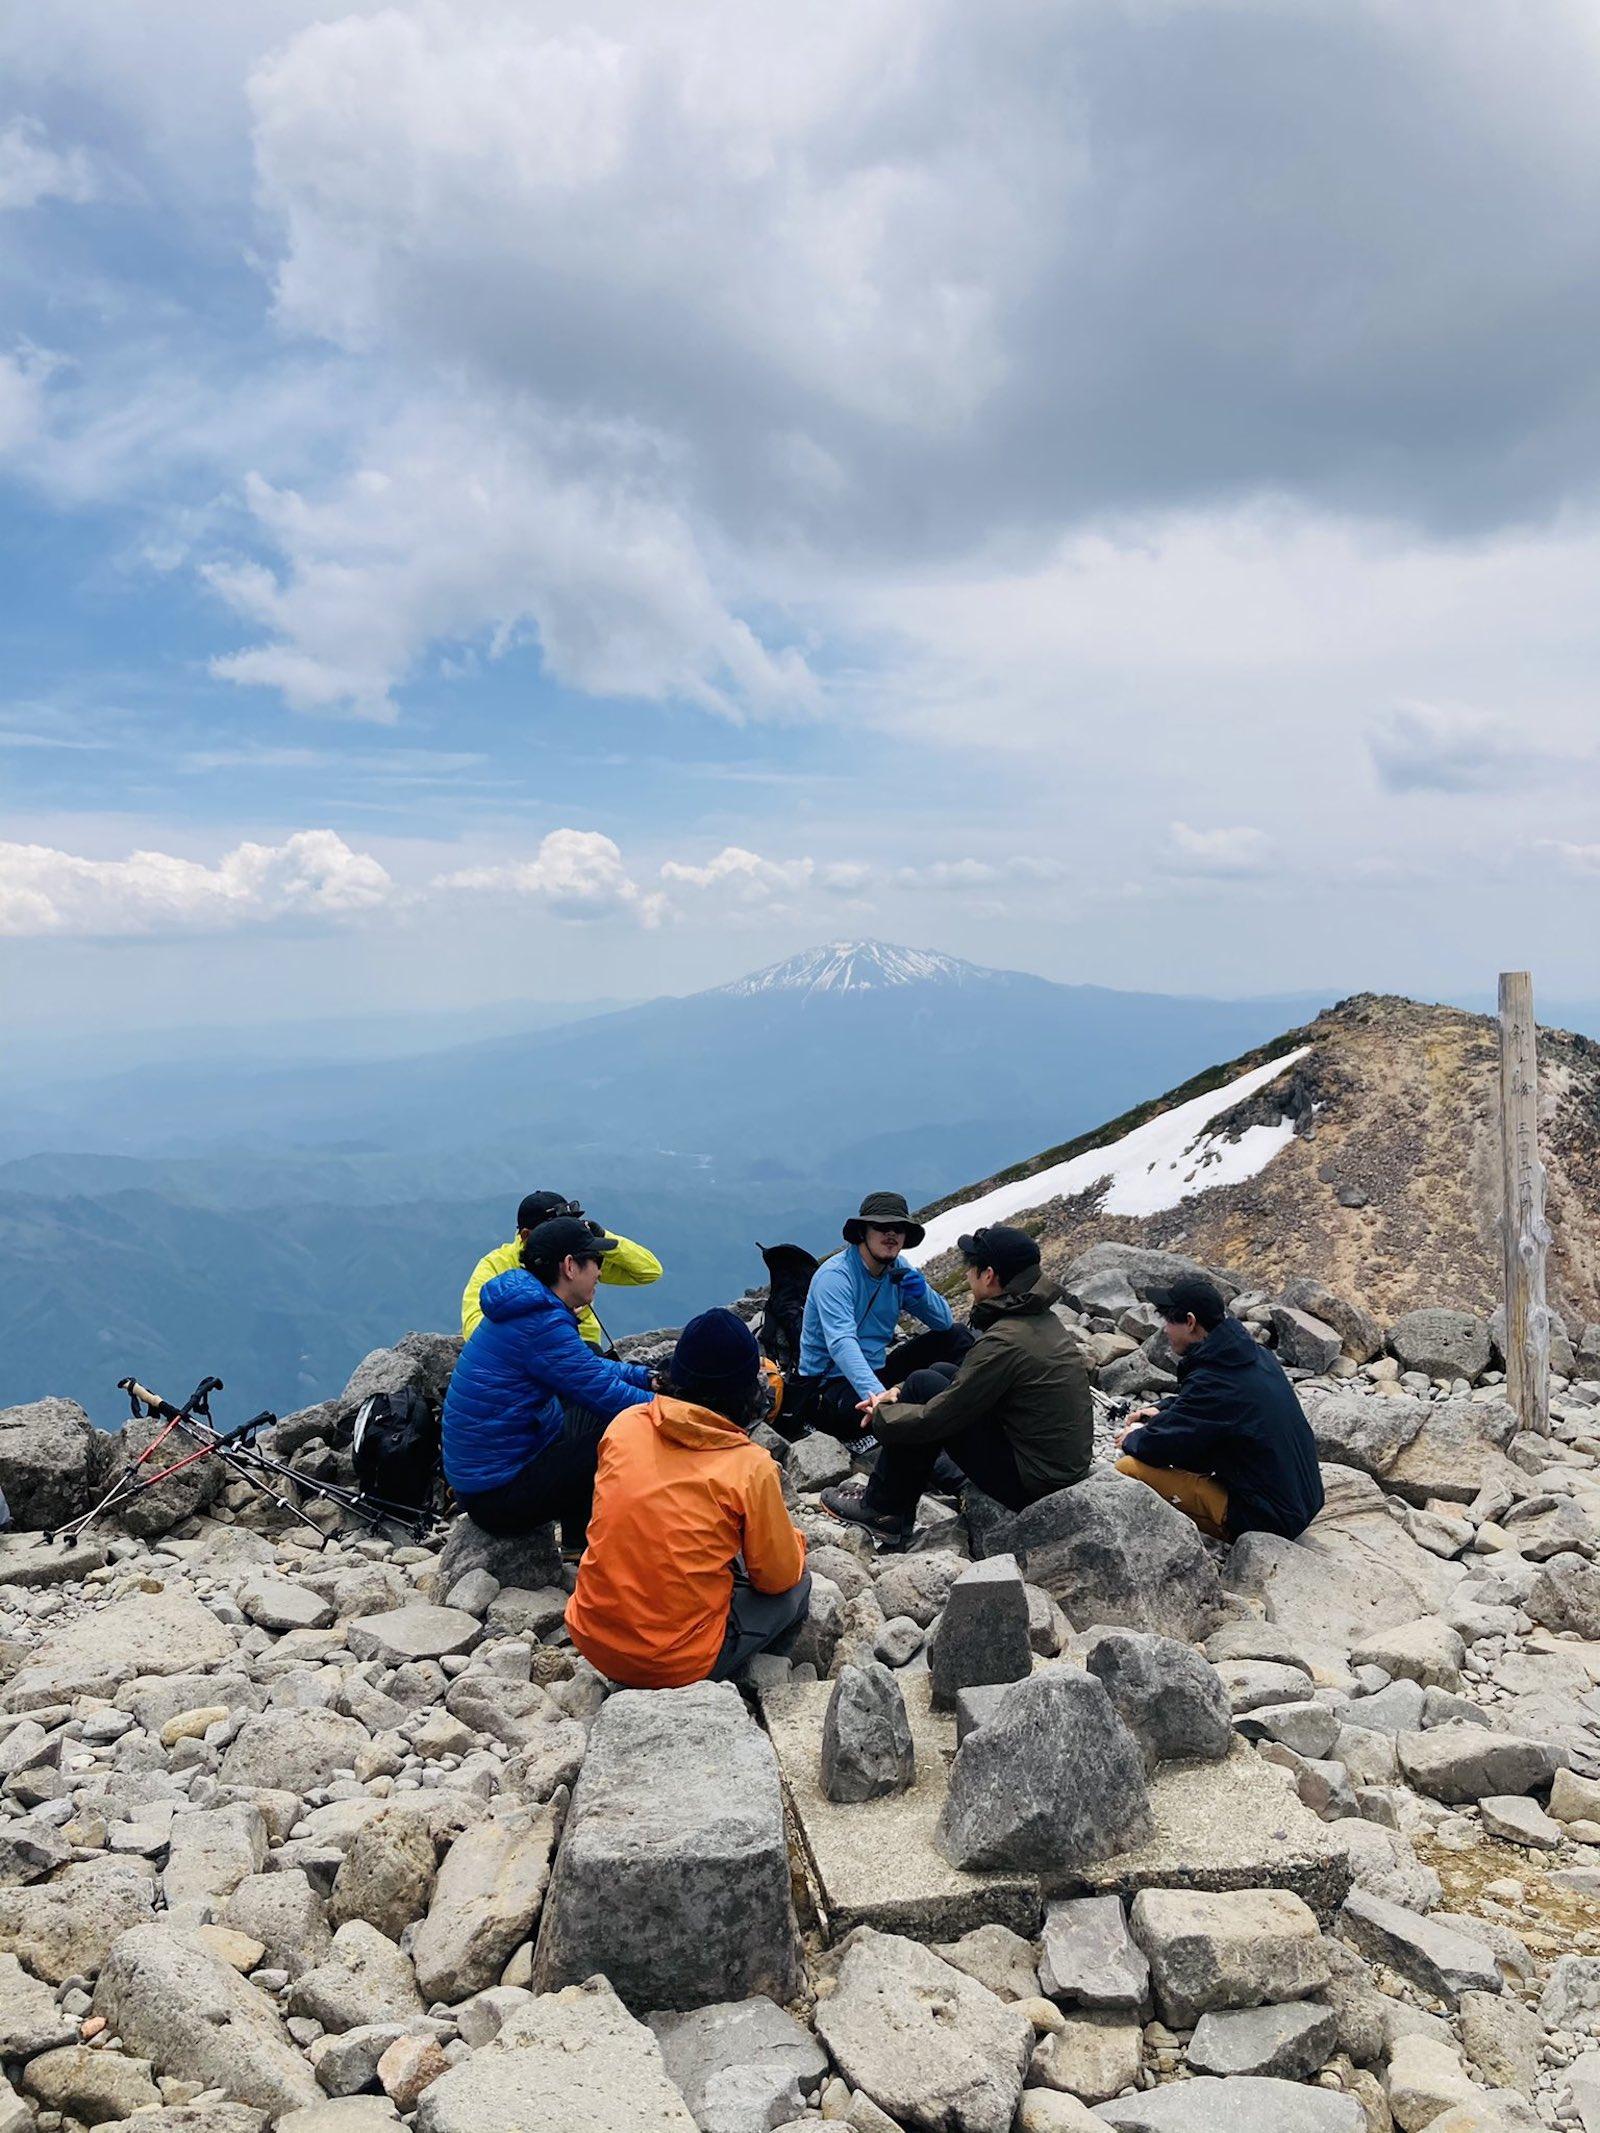 夏の乗鞍岳山頂での様子